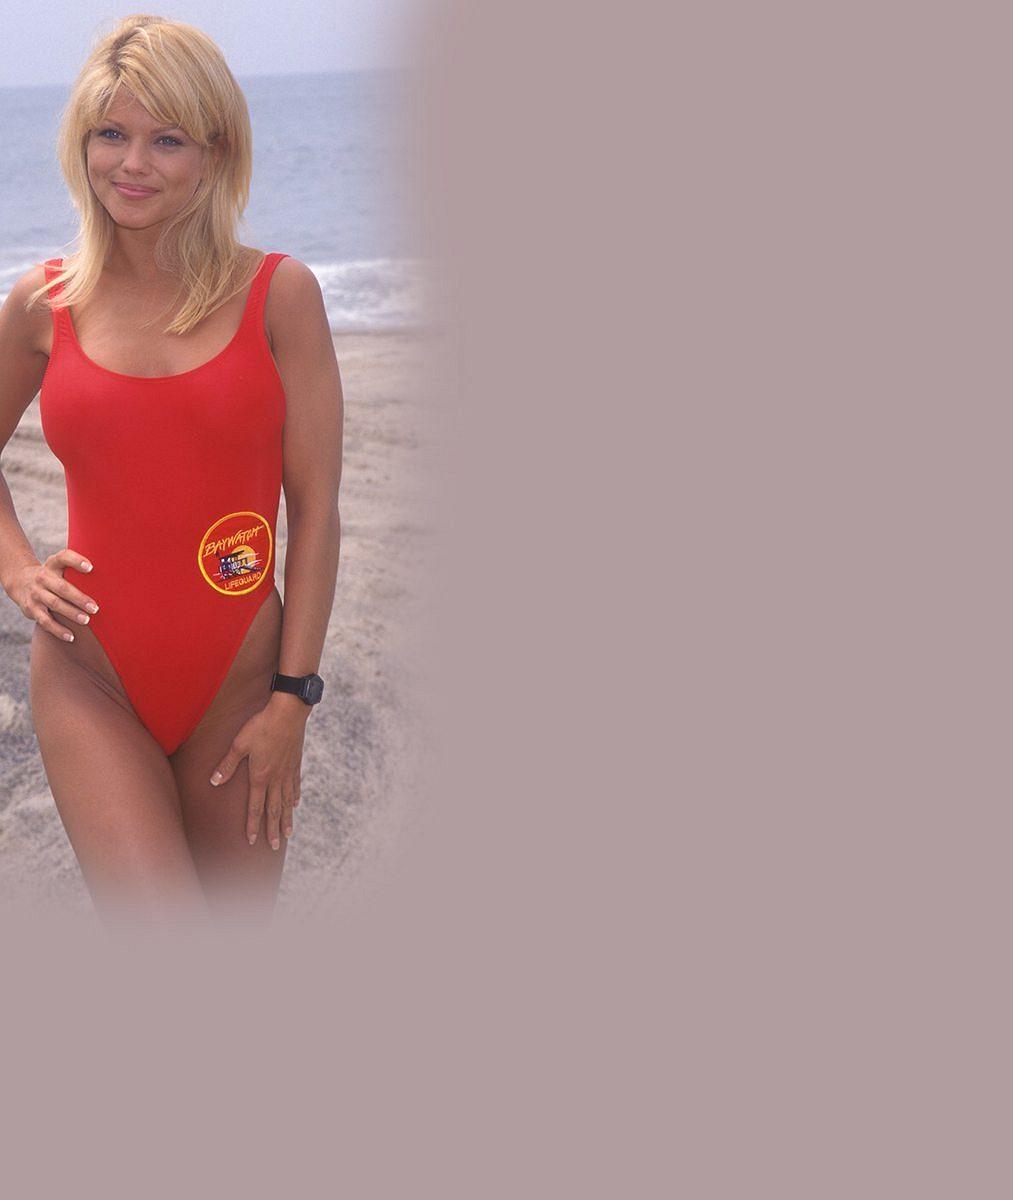 Pamatujete si na tuhle blondýnku z Pobřežní hlídky? V bikinách vypadá fantasticky, neuvěříte, kolik je jí let